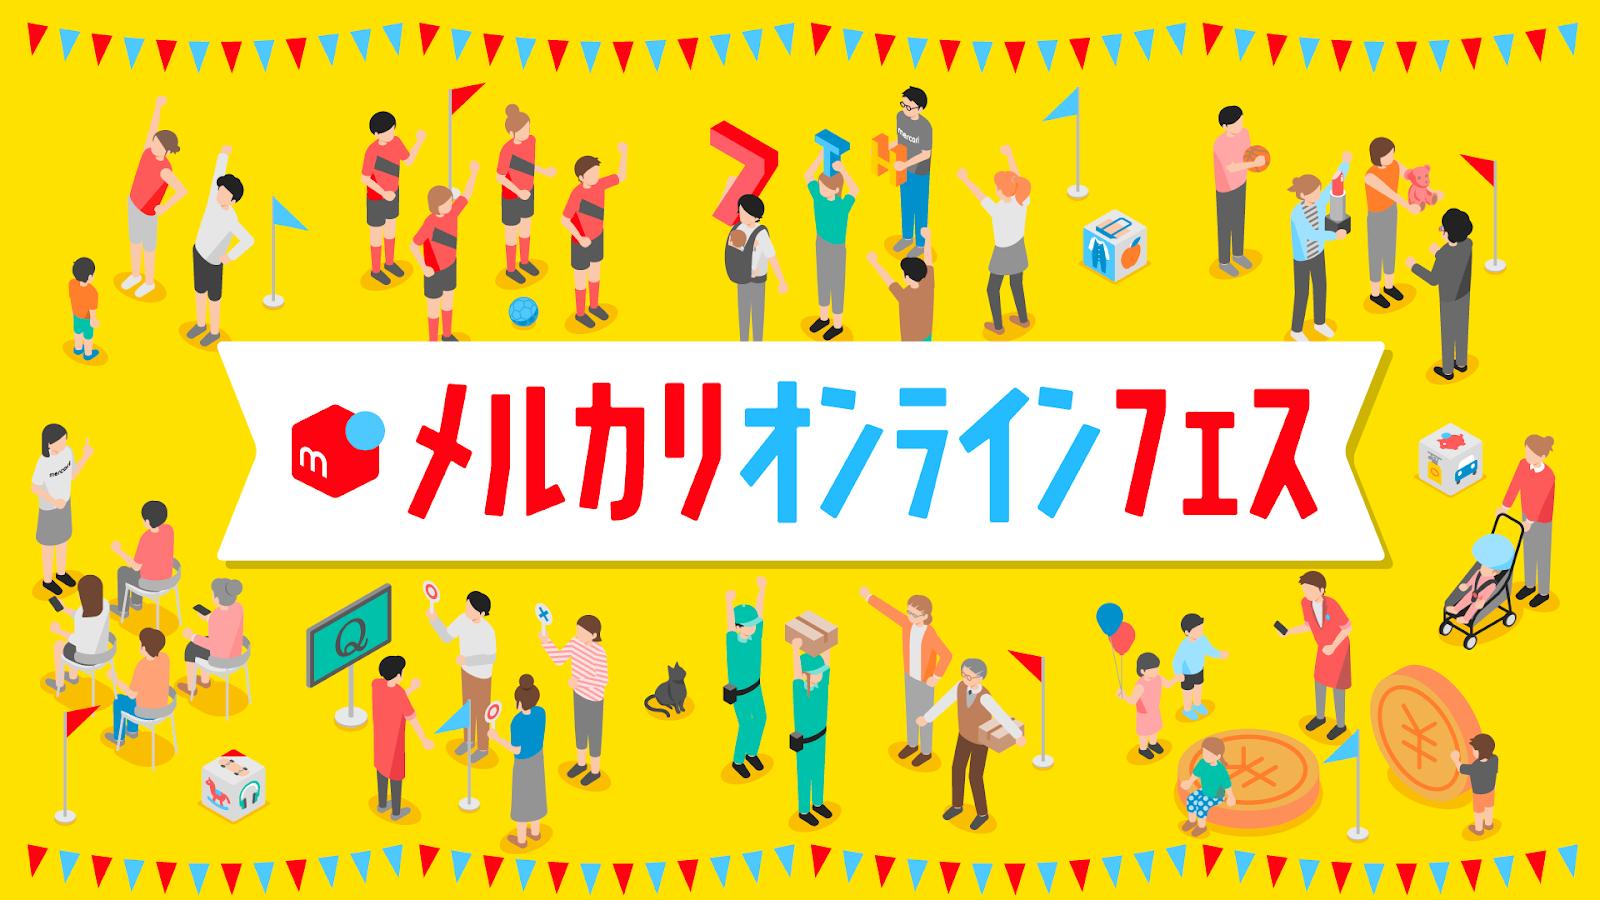 【参加者募集】8月22日(土)「メルカリオンラインフェス」開催!